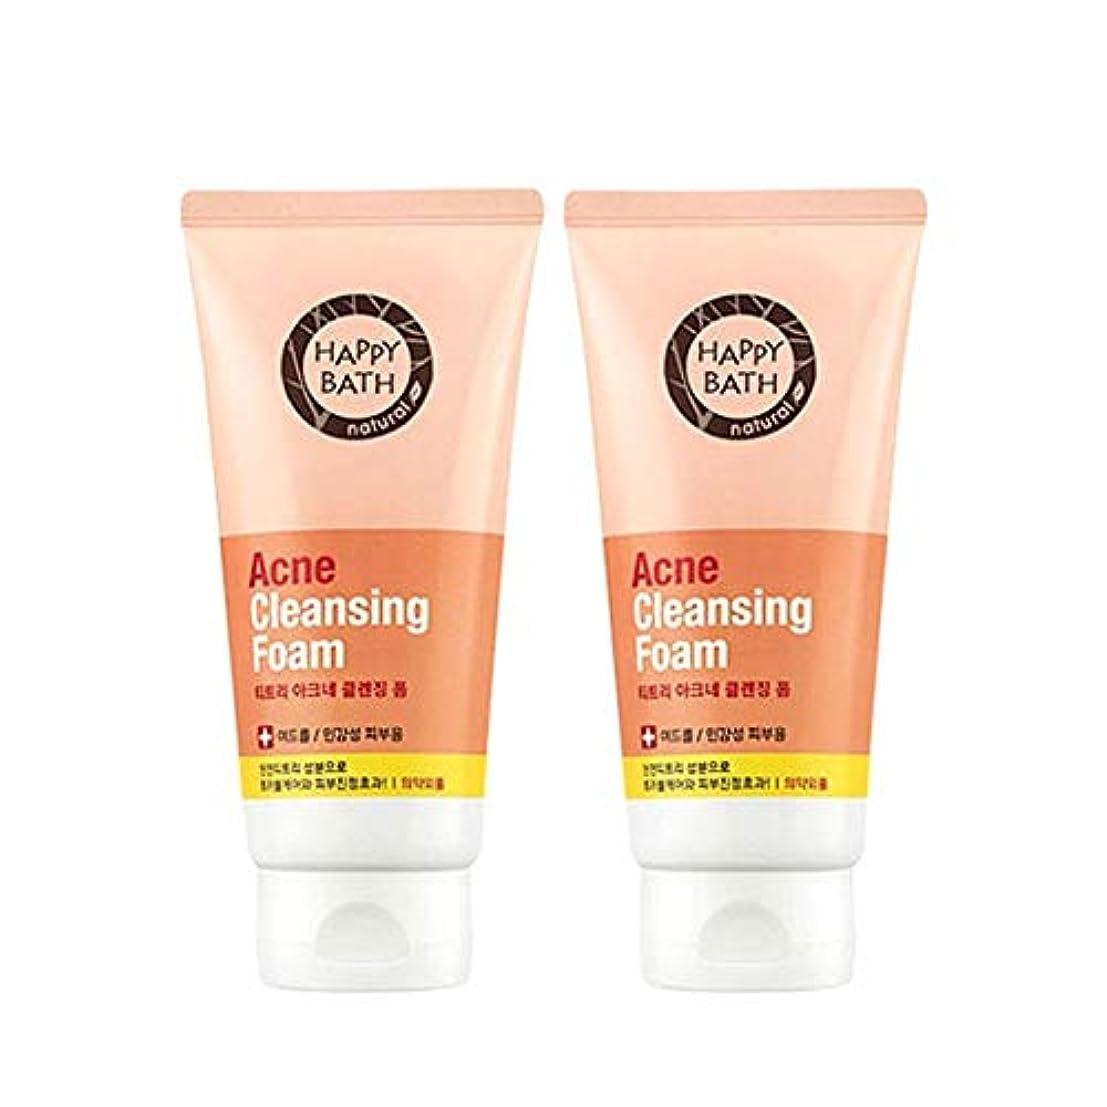 地下キネマティクス暗いハッピーバスティーツリーアクネクレンジングフォーム175gx2本セット韓国コスメ、Happy Bath Acne Cleansing Foam 175g x 2ea Set Korean Cosmetics [並行輸入品]